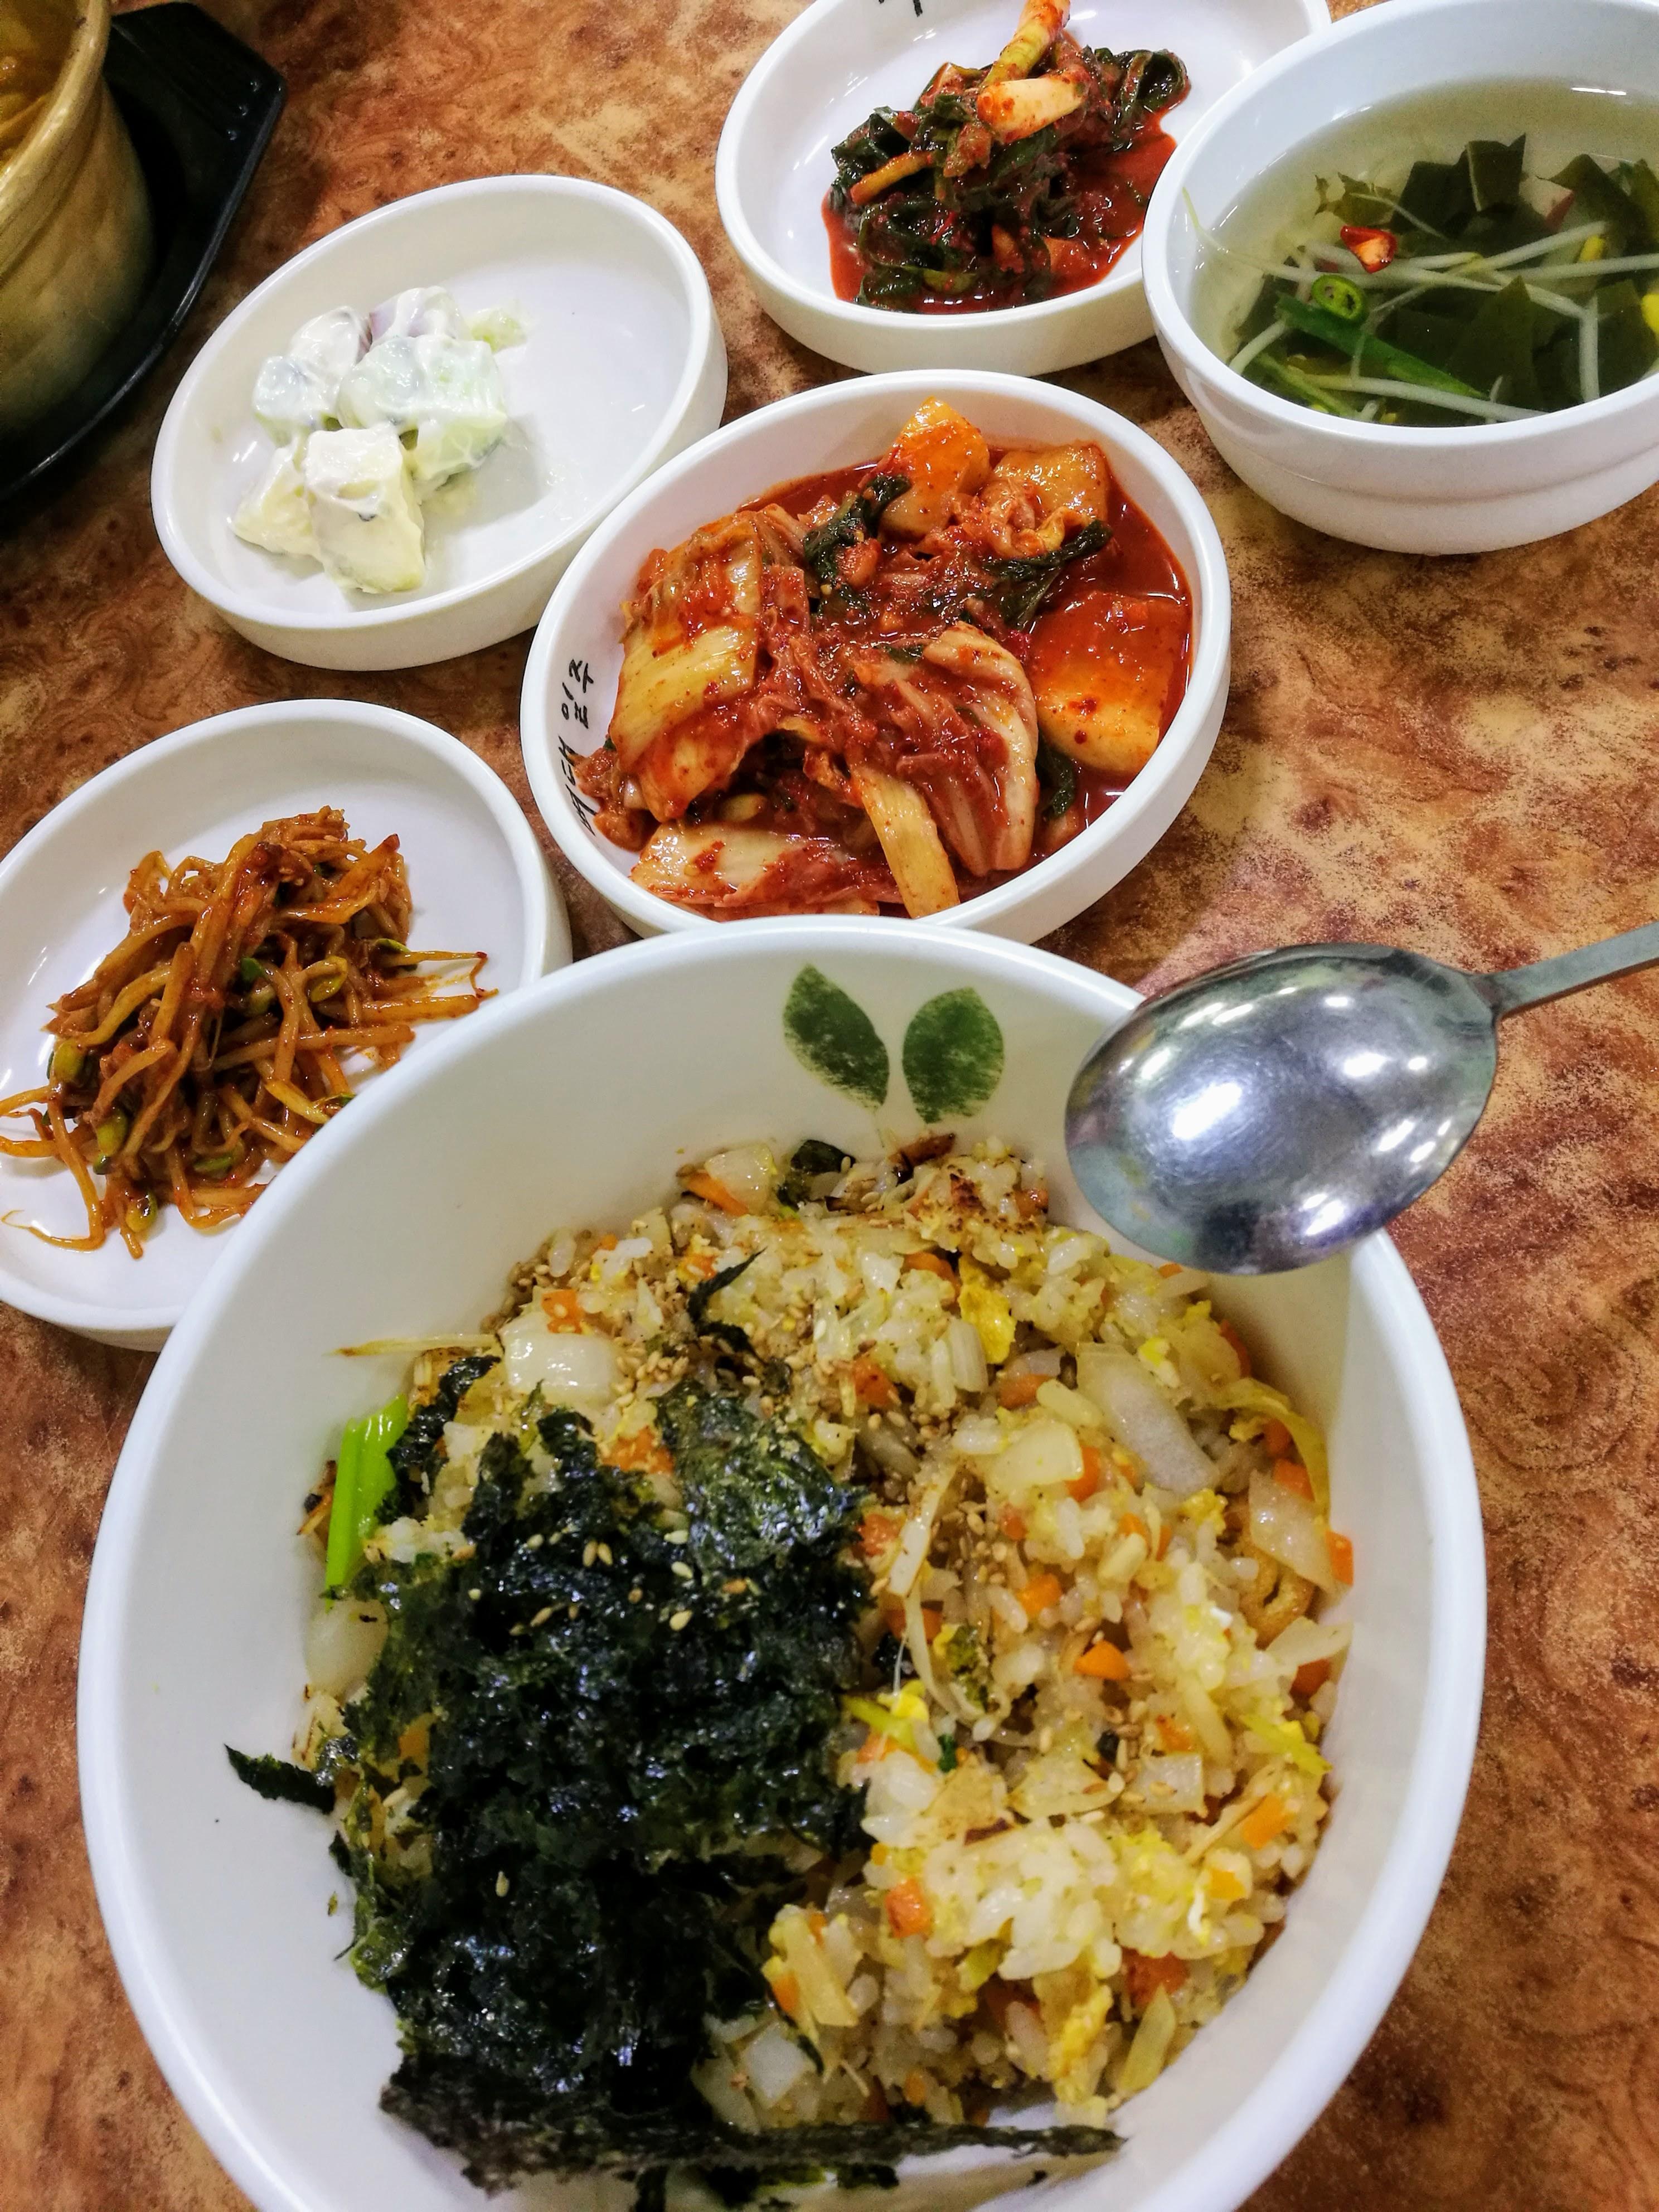 zöldséges pirított rizs (pokkumbap) és az elmaradhatatlan pancshanok